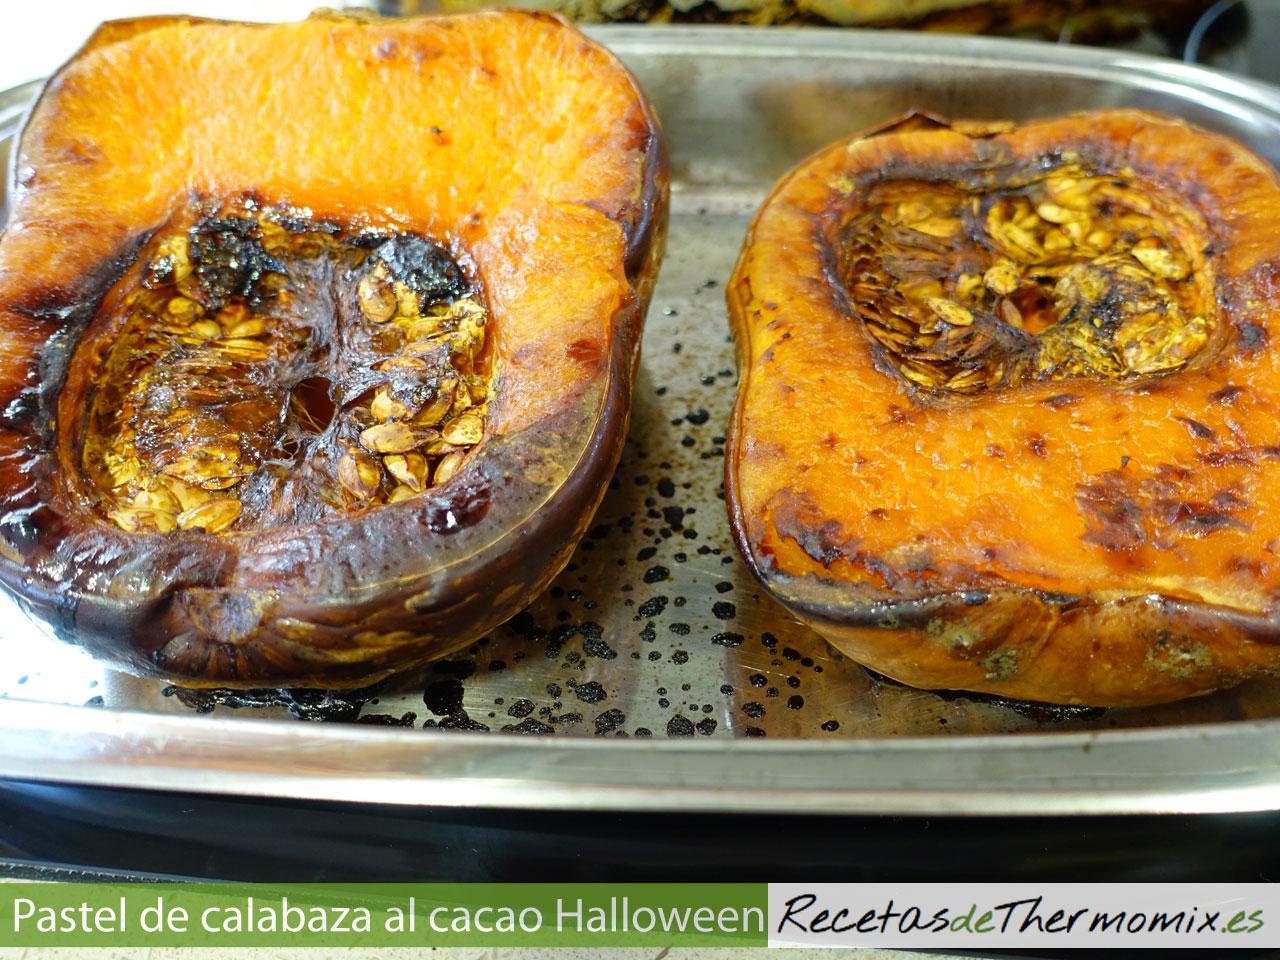 Calabazas asada para pastel de Halloween con Thermomix